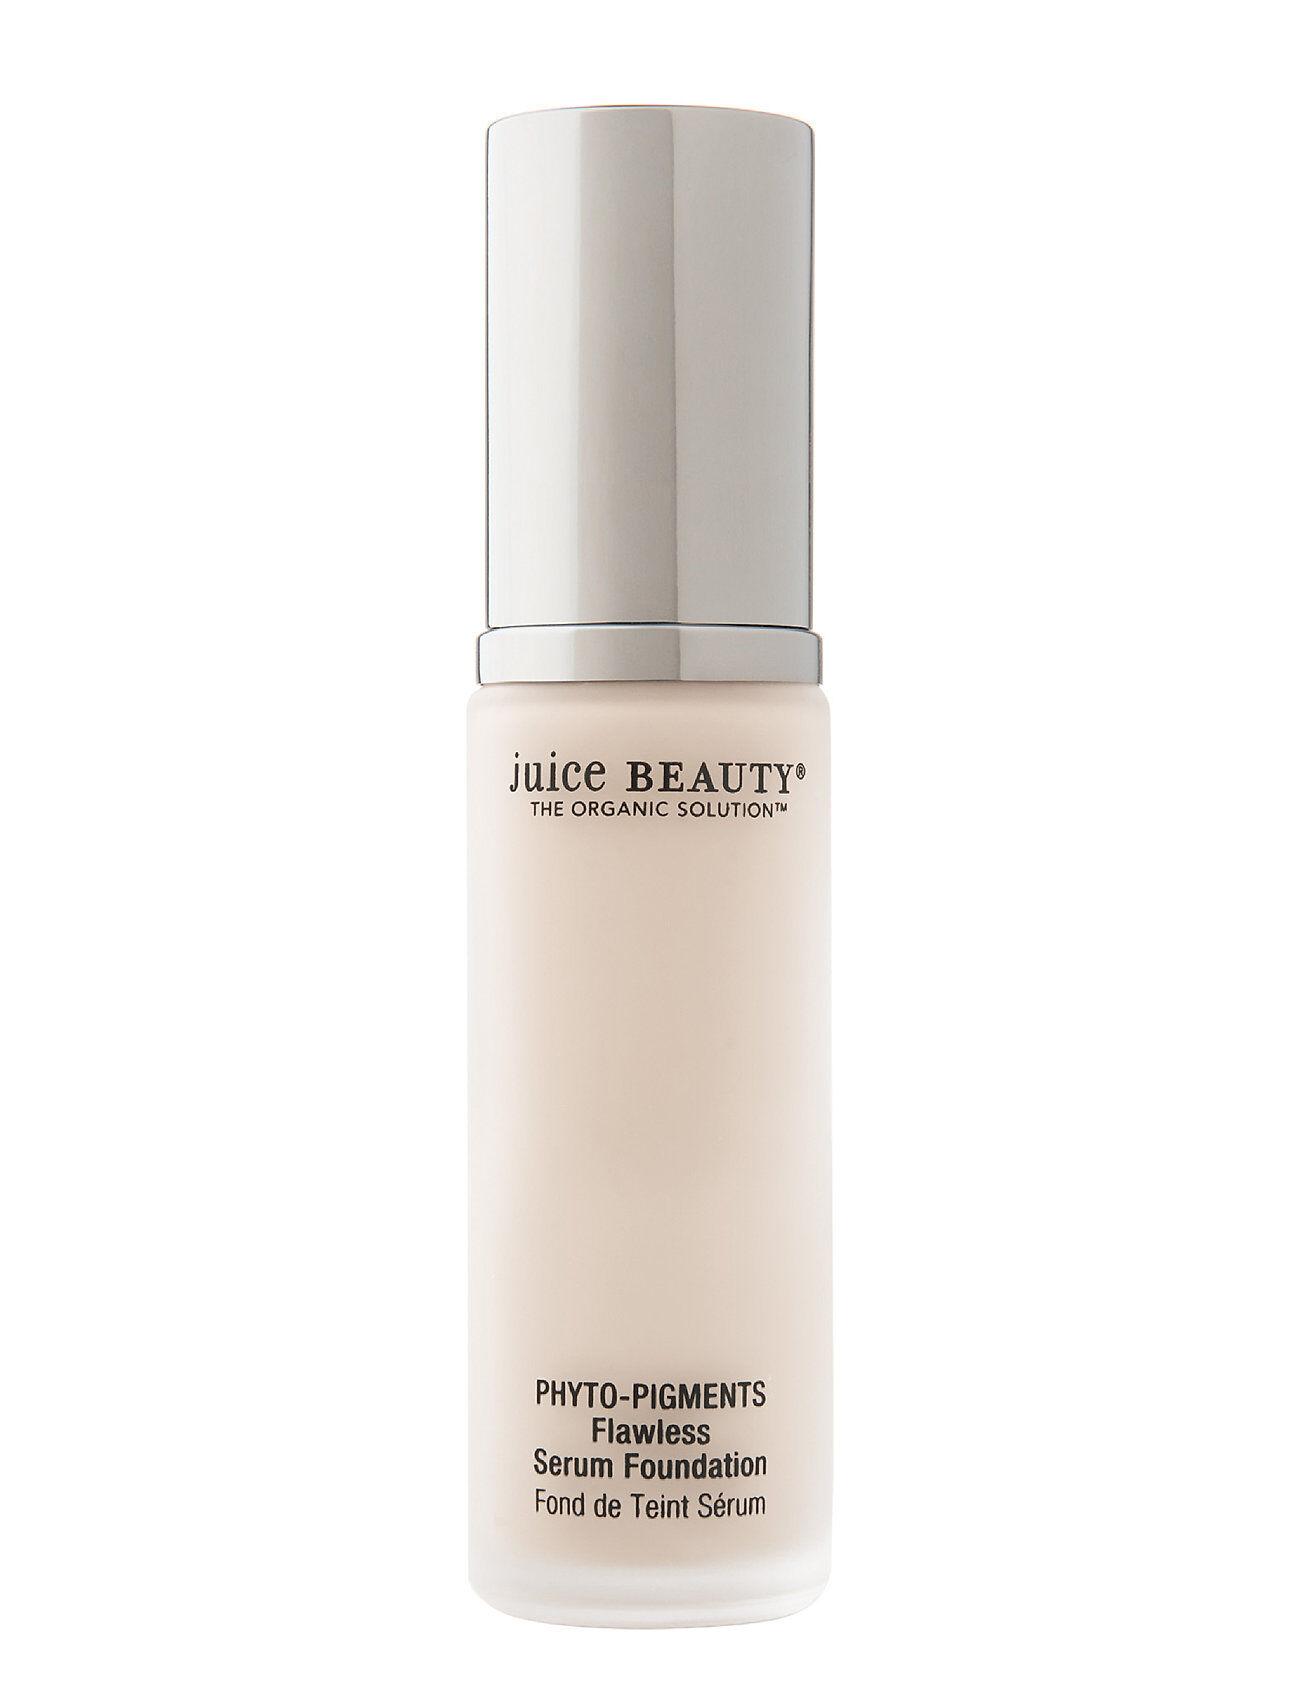 Juice Beauty Flawless Serum Foundation - 05 Buff